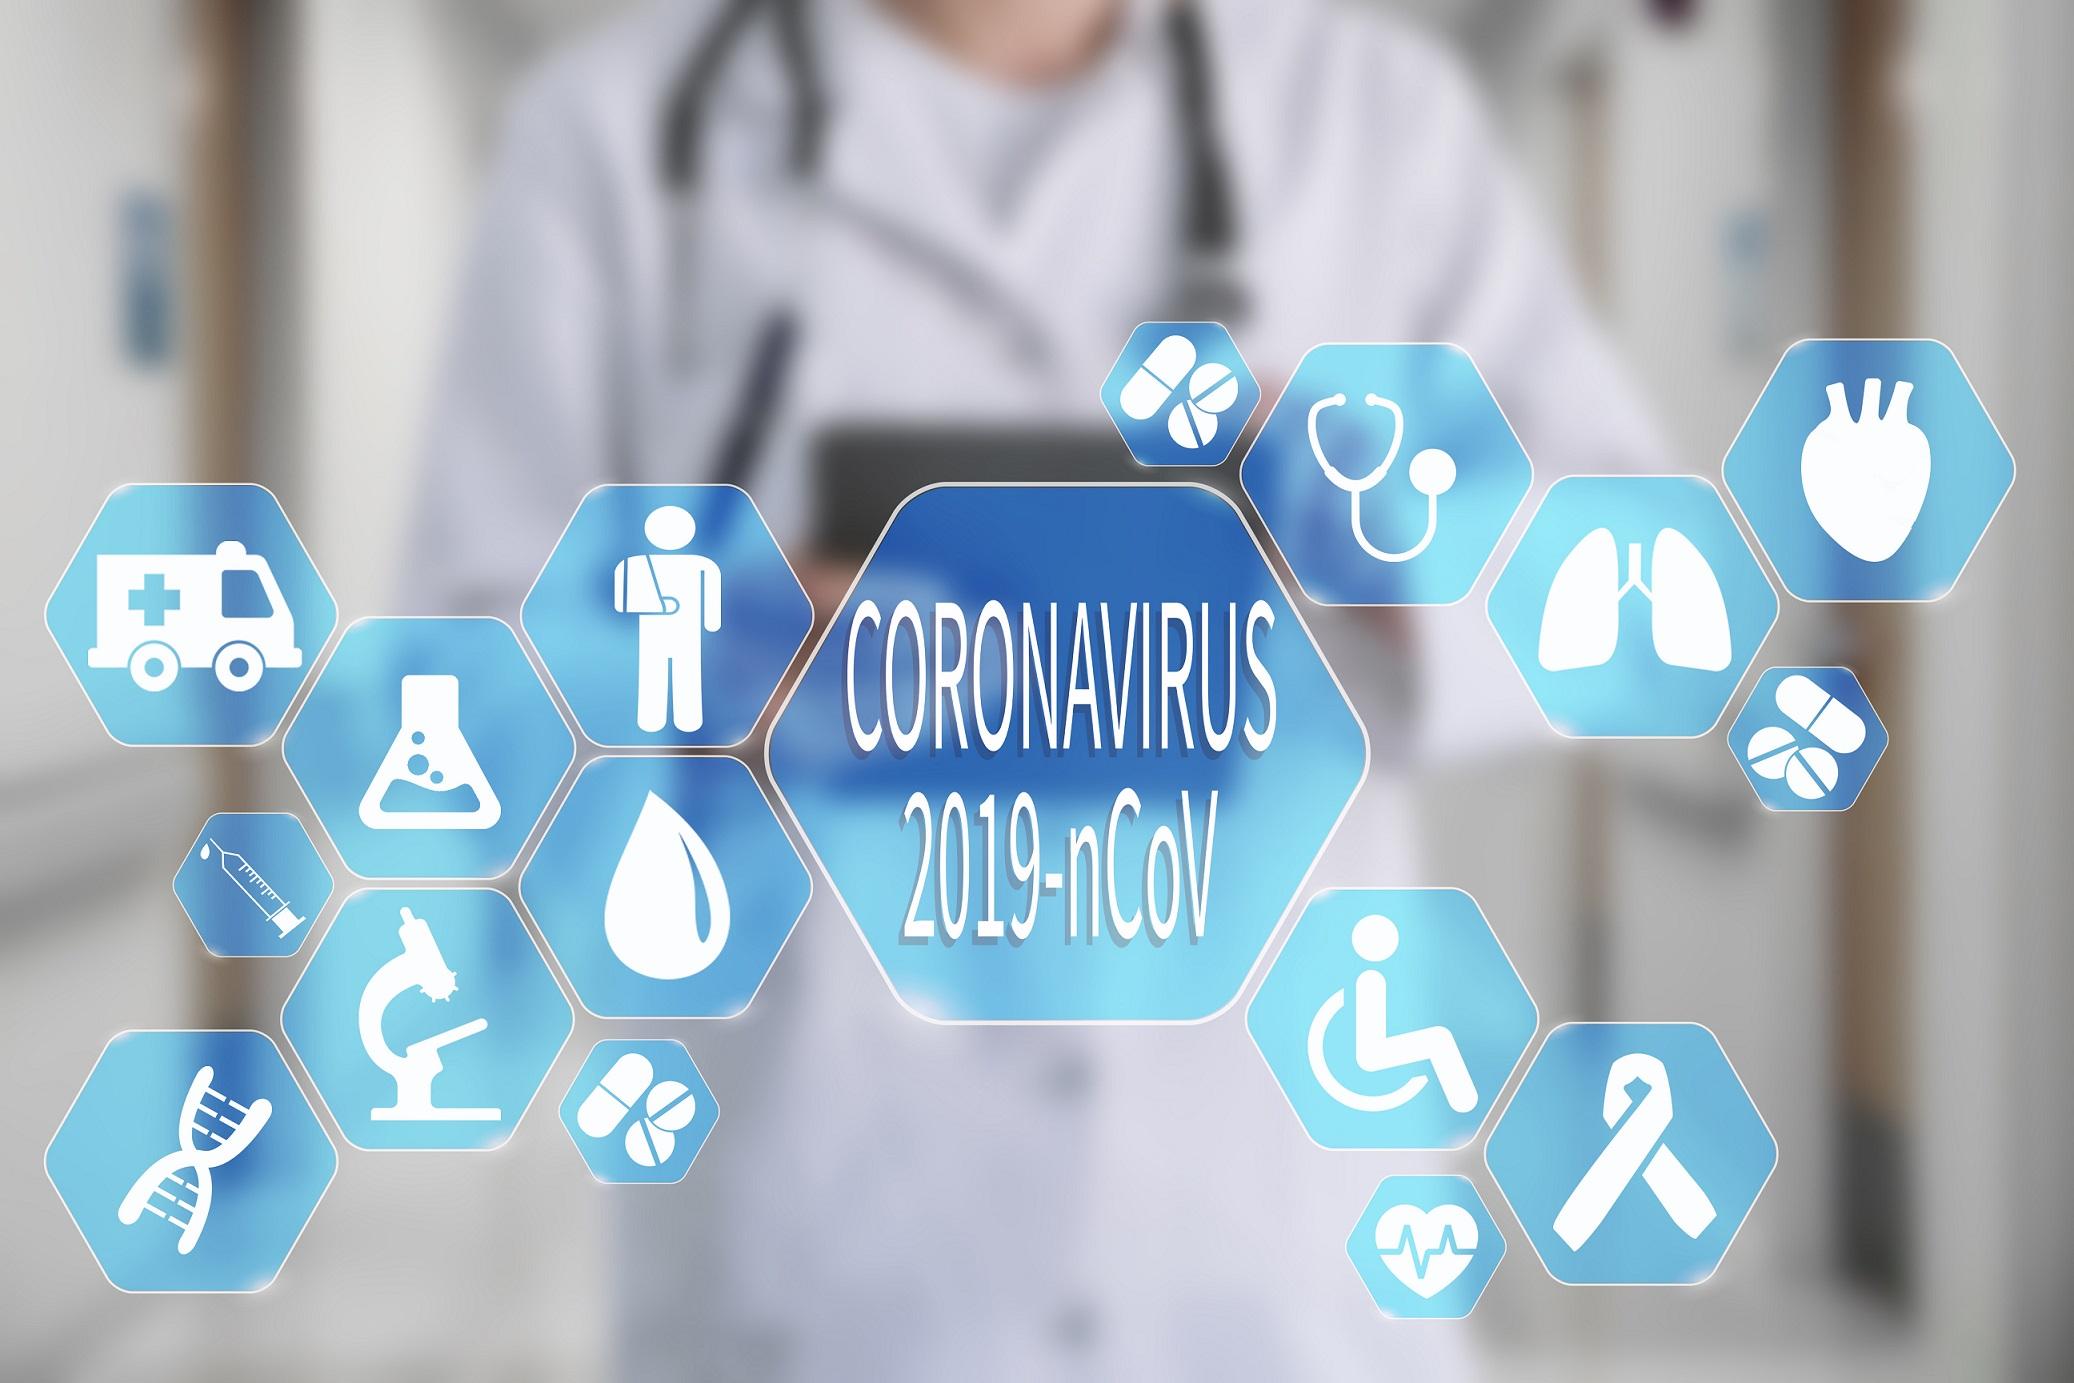 Procedury dotyczące pandemii koronawirusa